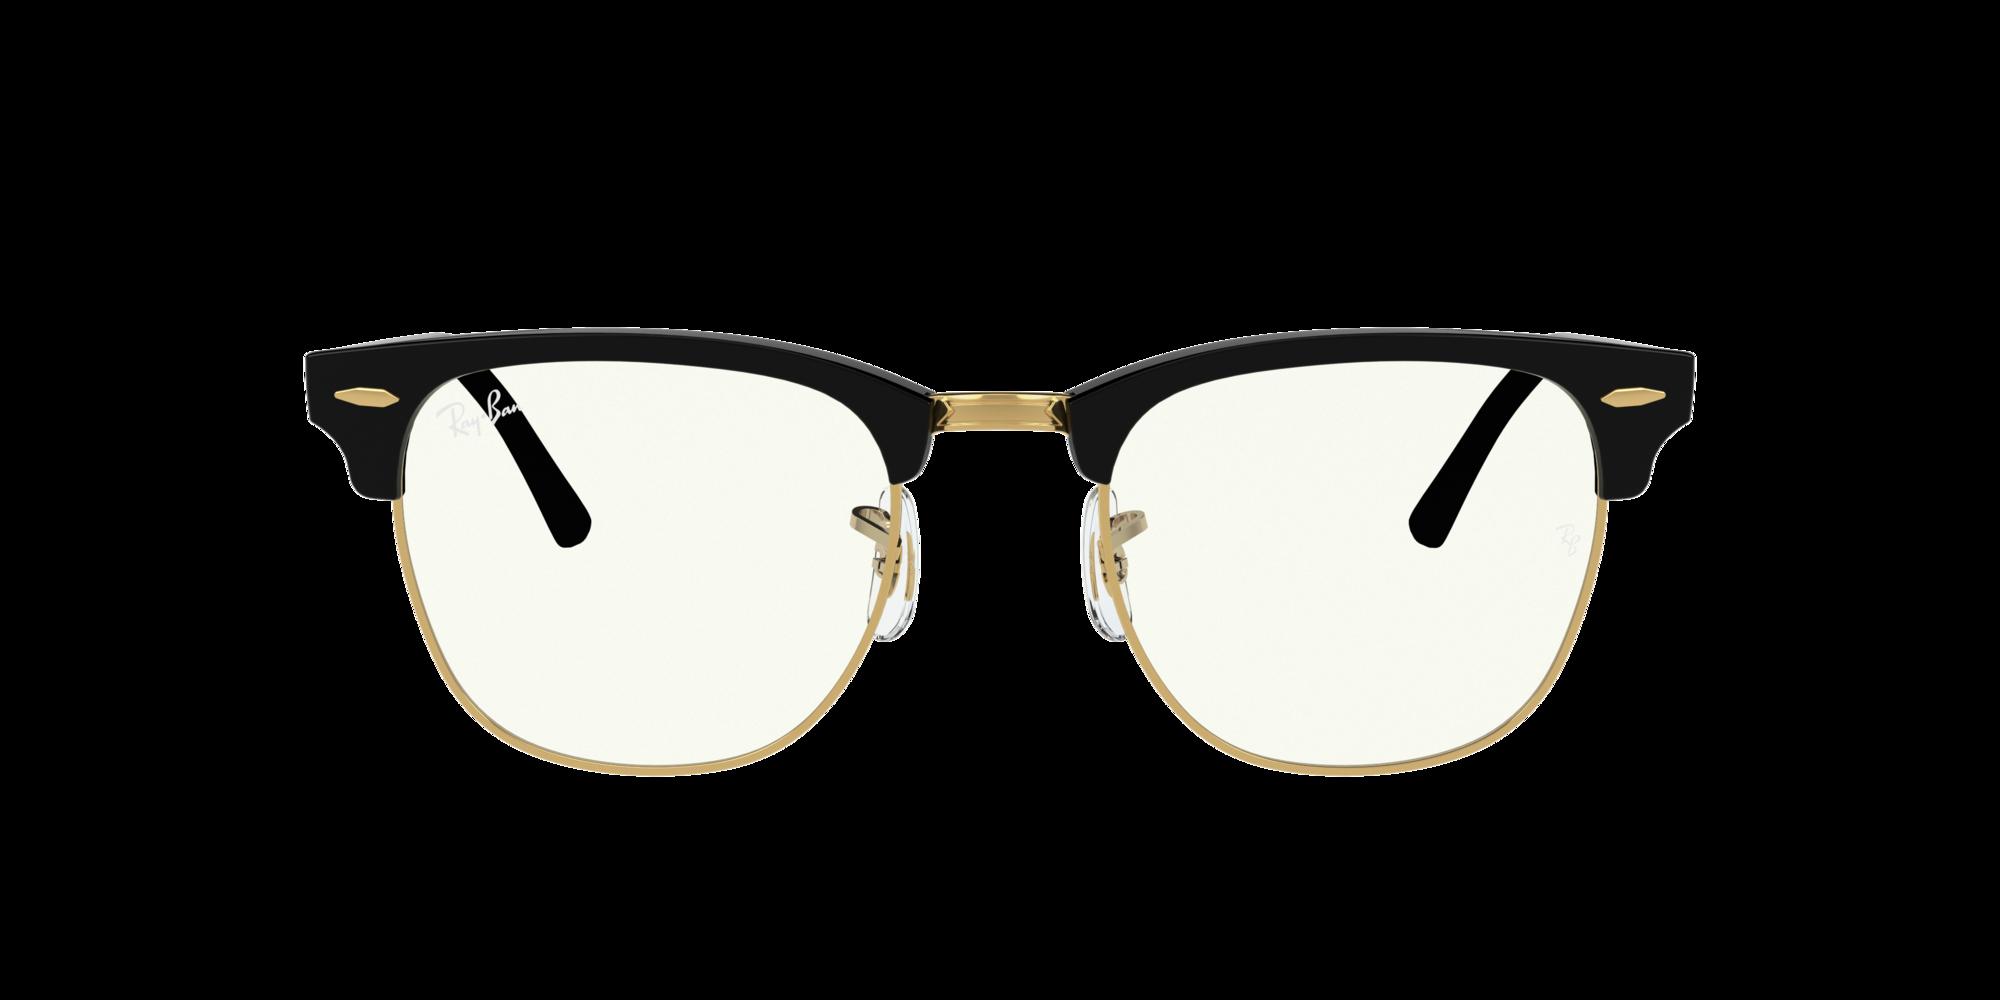 Imagen para RB3016 49 CLUBMASTER de LensCrafters |  Espejuelos, espejuelos graduados en línea, gafas